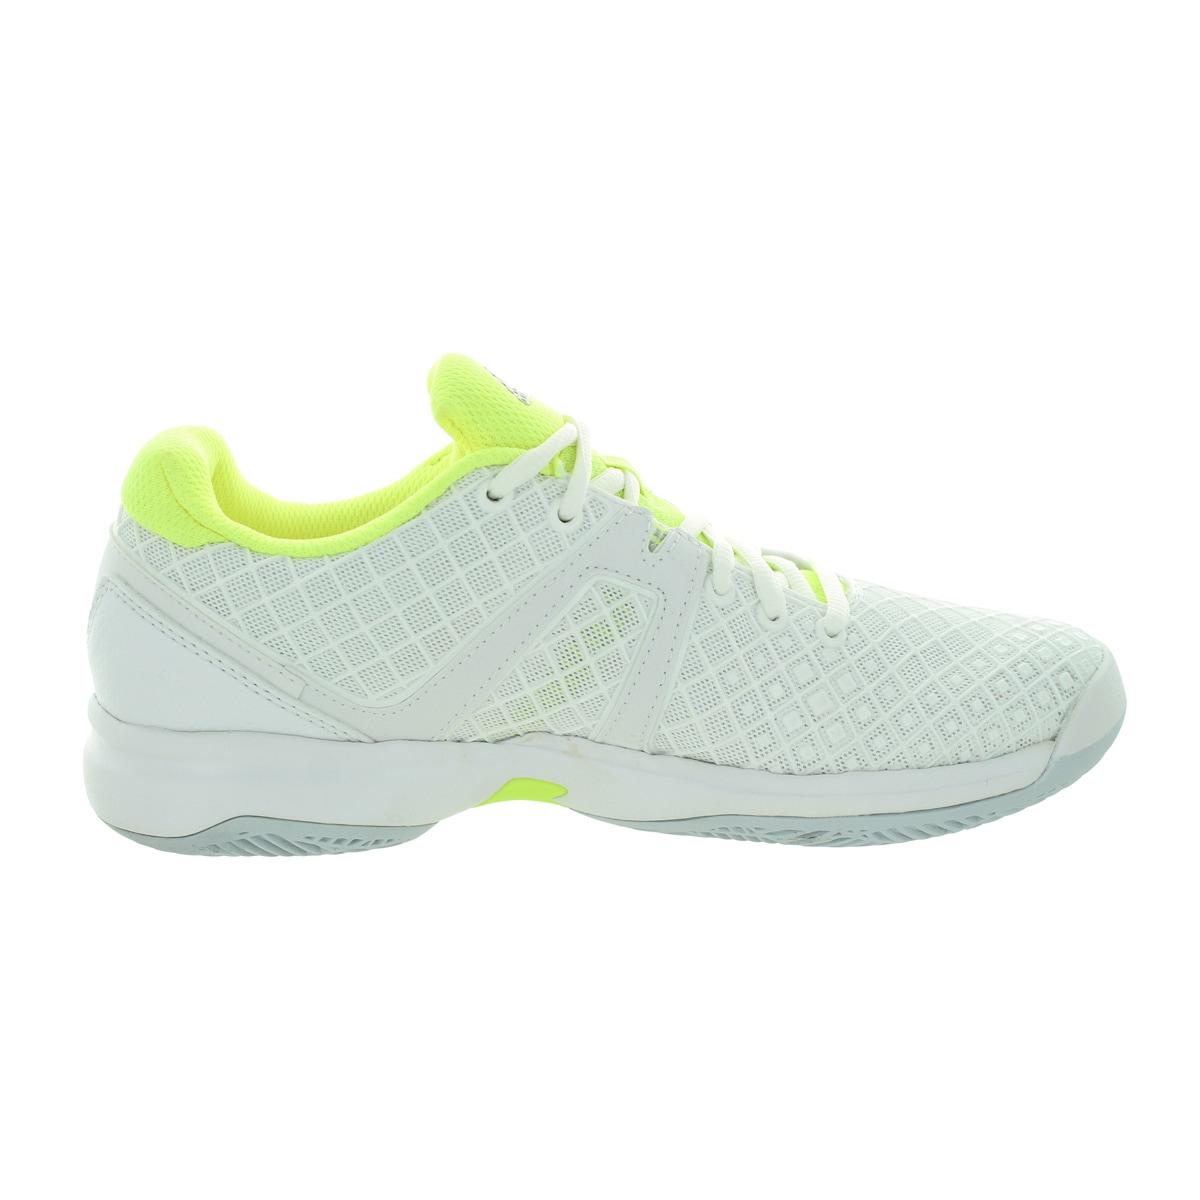 Shoe Women's Sonic Whitefroyel Allegra Tennis Adidas pUMGzVqS